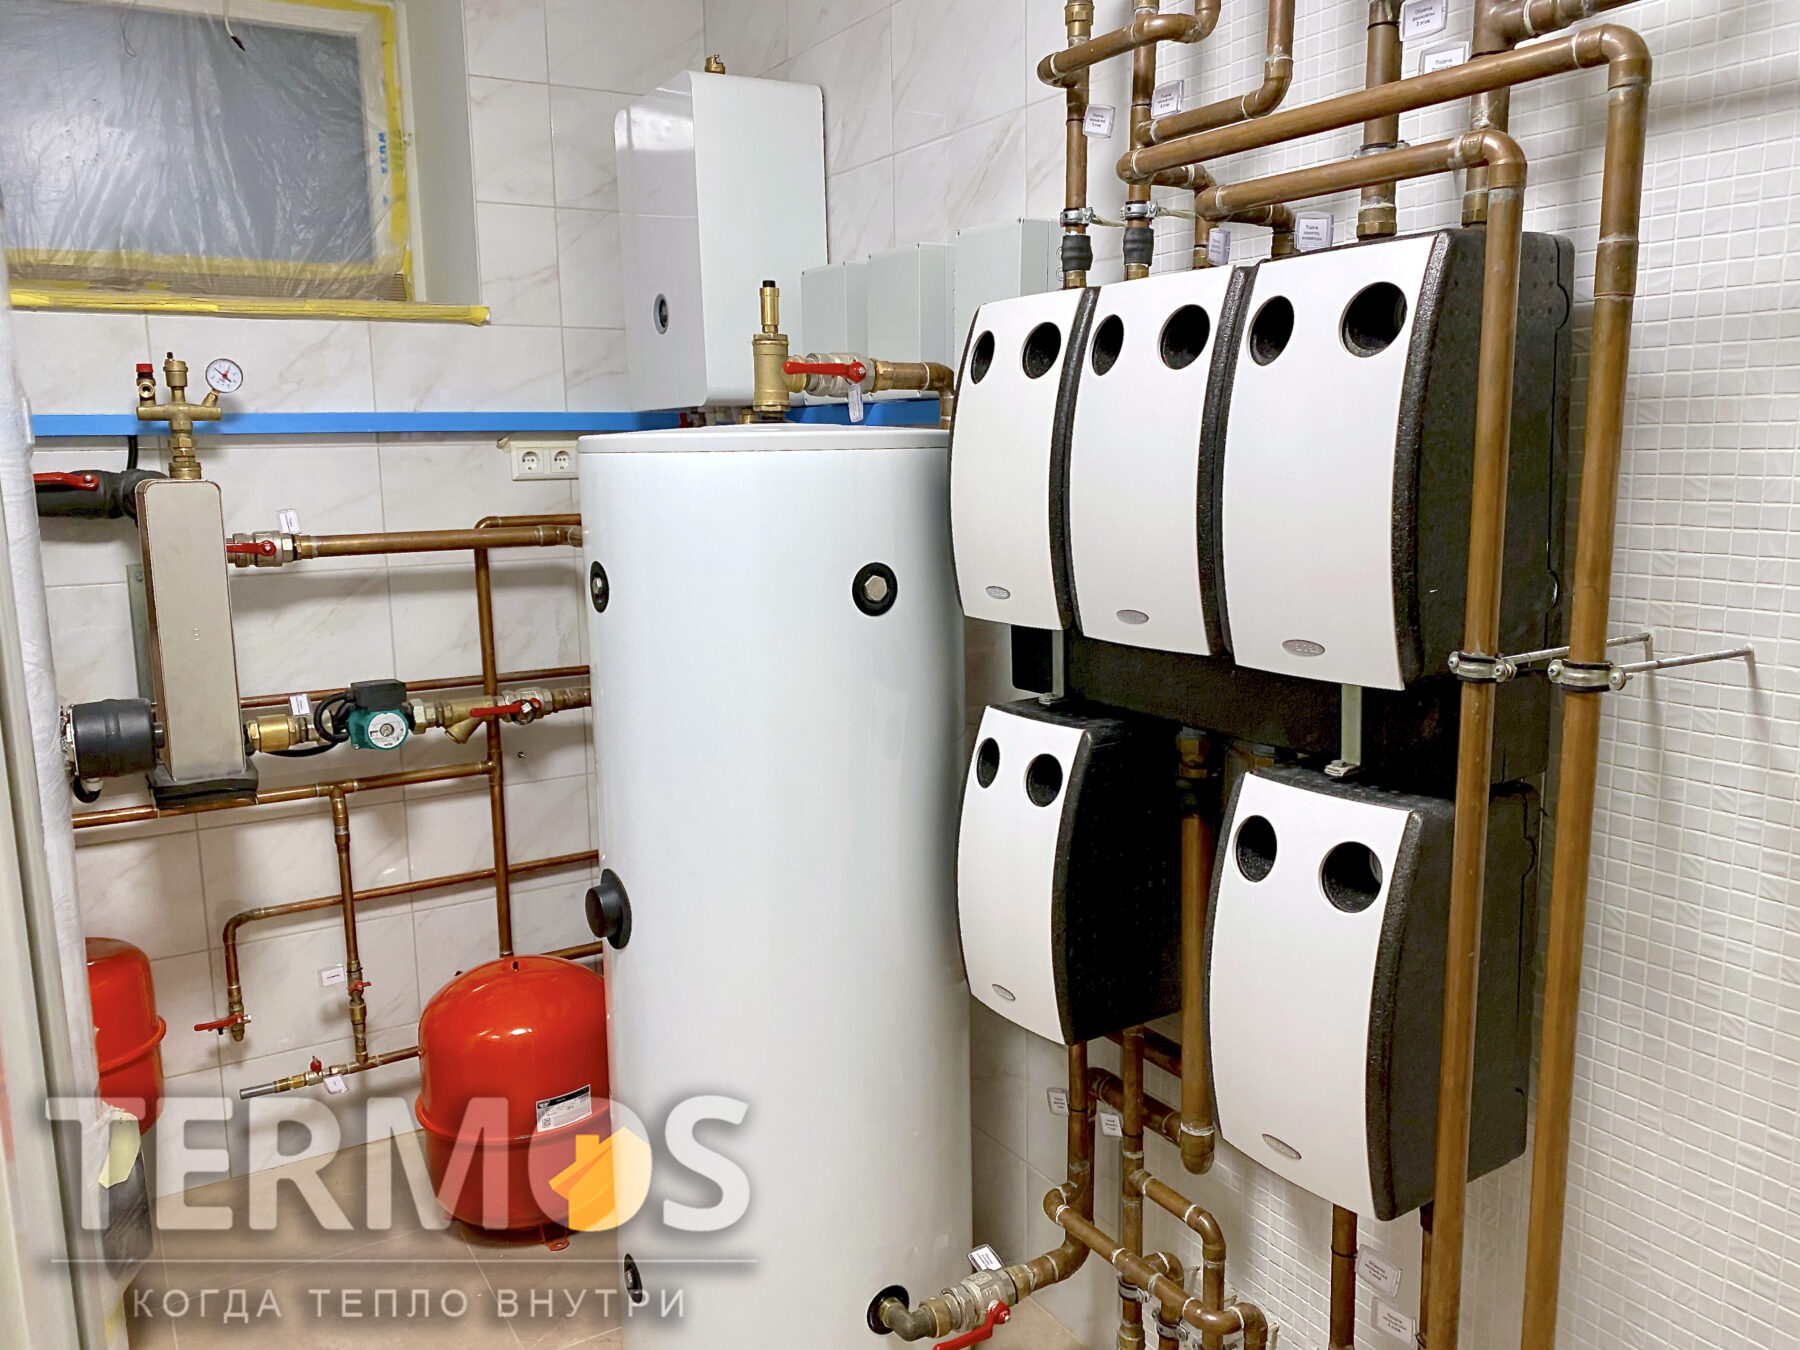 Борщаговка.  Коттедж 650 м.кв. Низкотемпературная система отопления теплым полом. Горячее водоснабжение обеспечивает 500 л. бойлер с теплообменником увеличенной площади